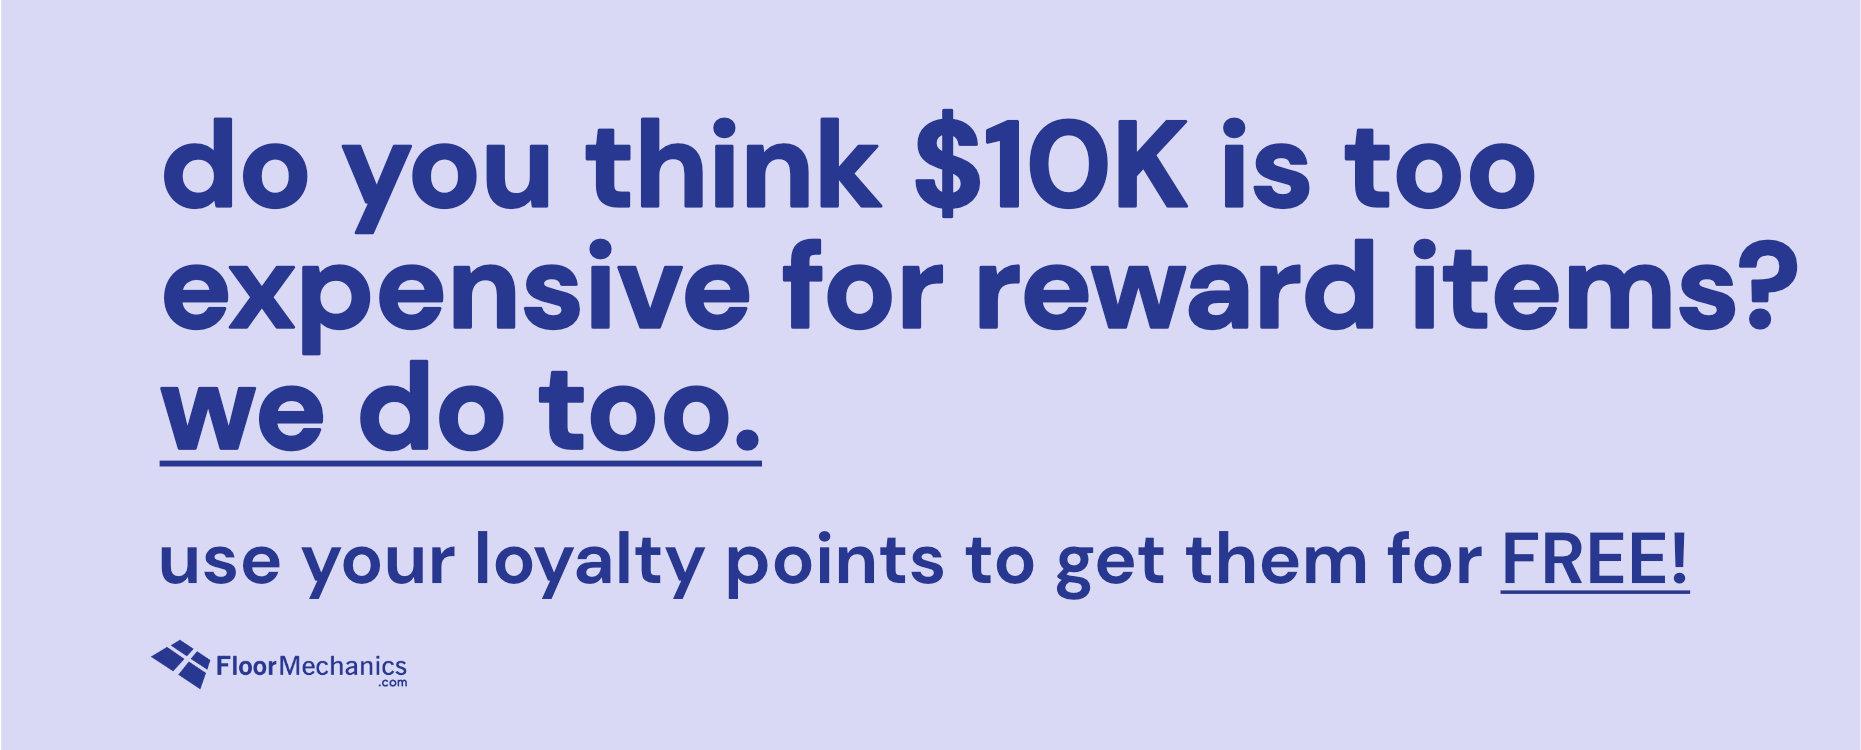 cart-scroll-for-rewards-3x.jpg